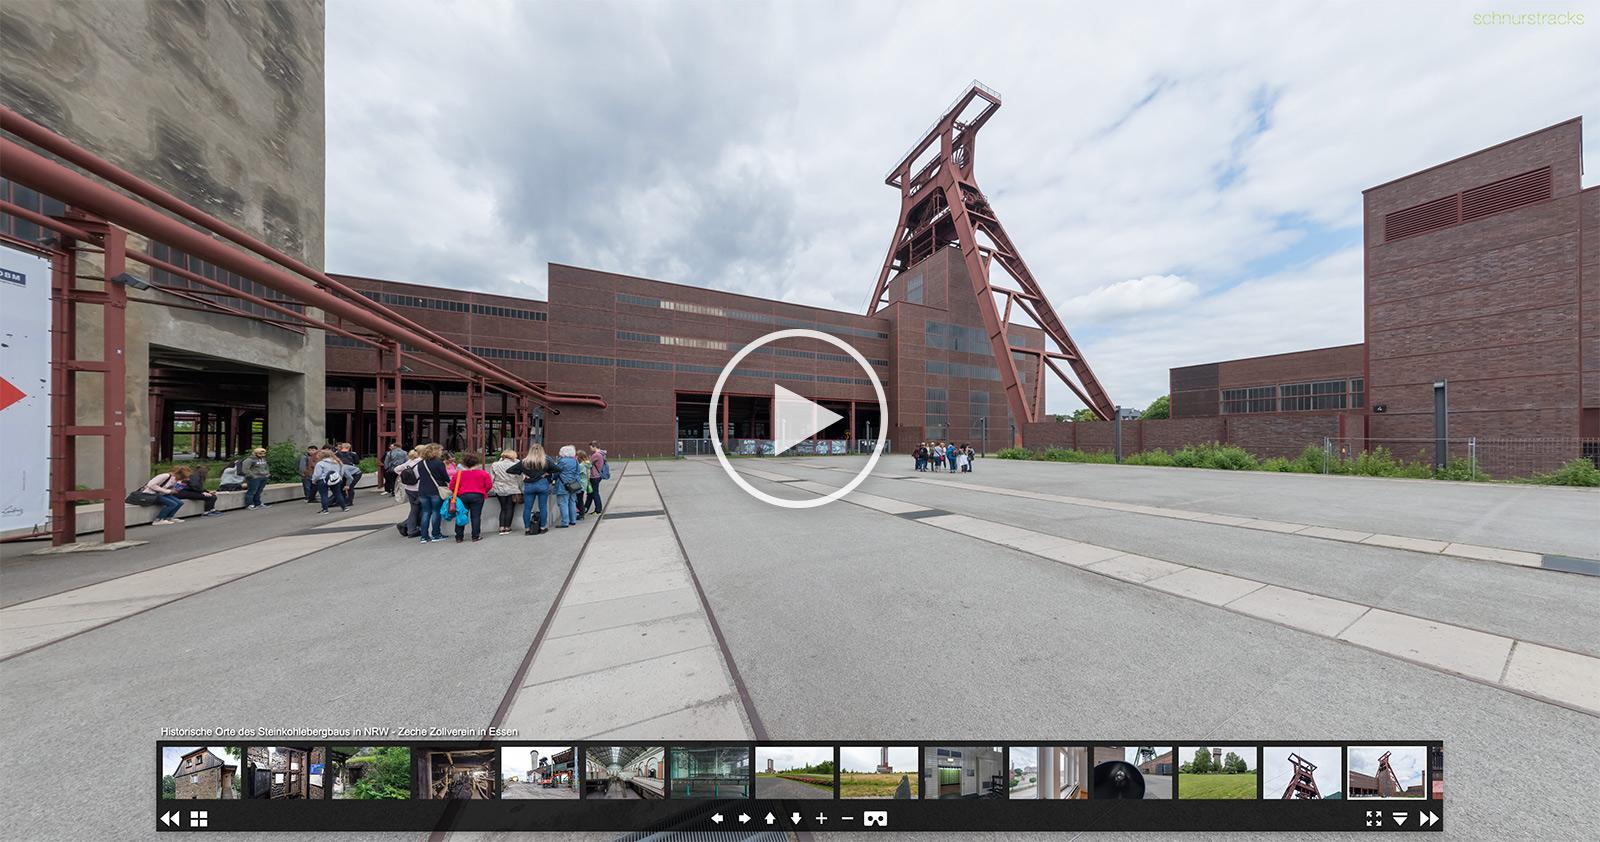 Historische Orte des Steinkohlebergbaus in NRW | Kugelpanoramen von Chris Witzani im Auftrag des WDR | glueckauf.wdr.de